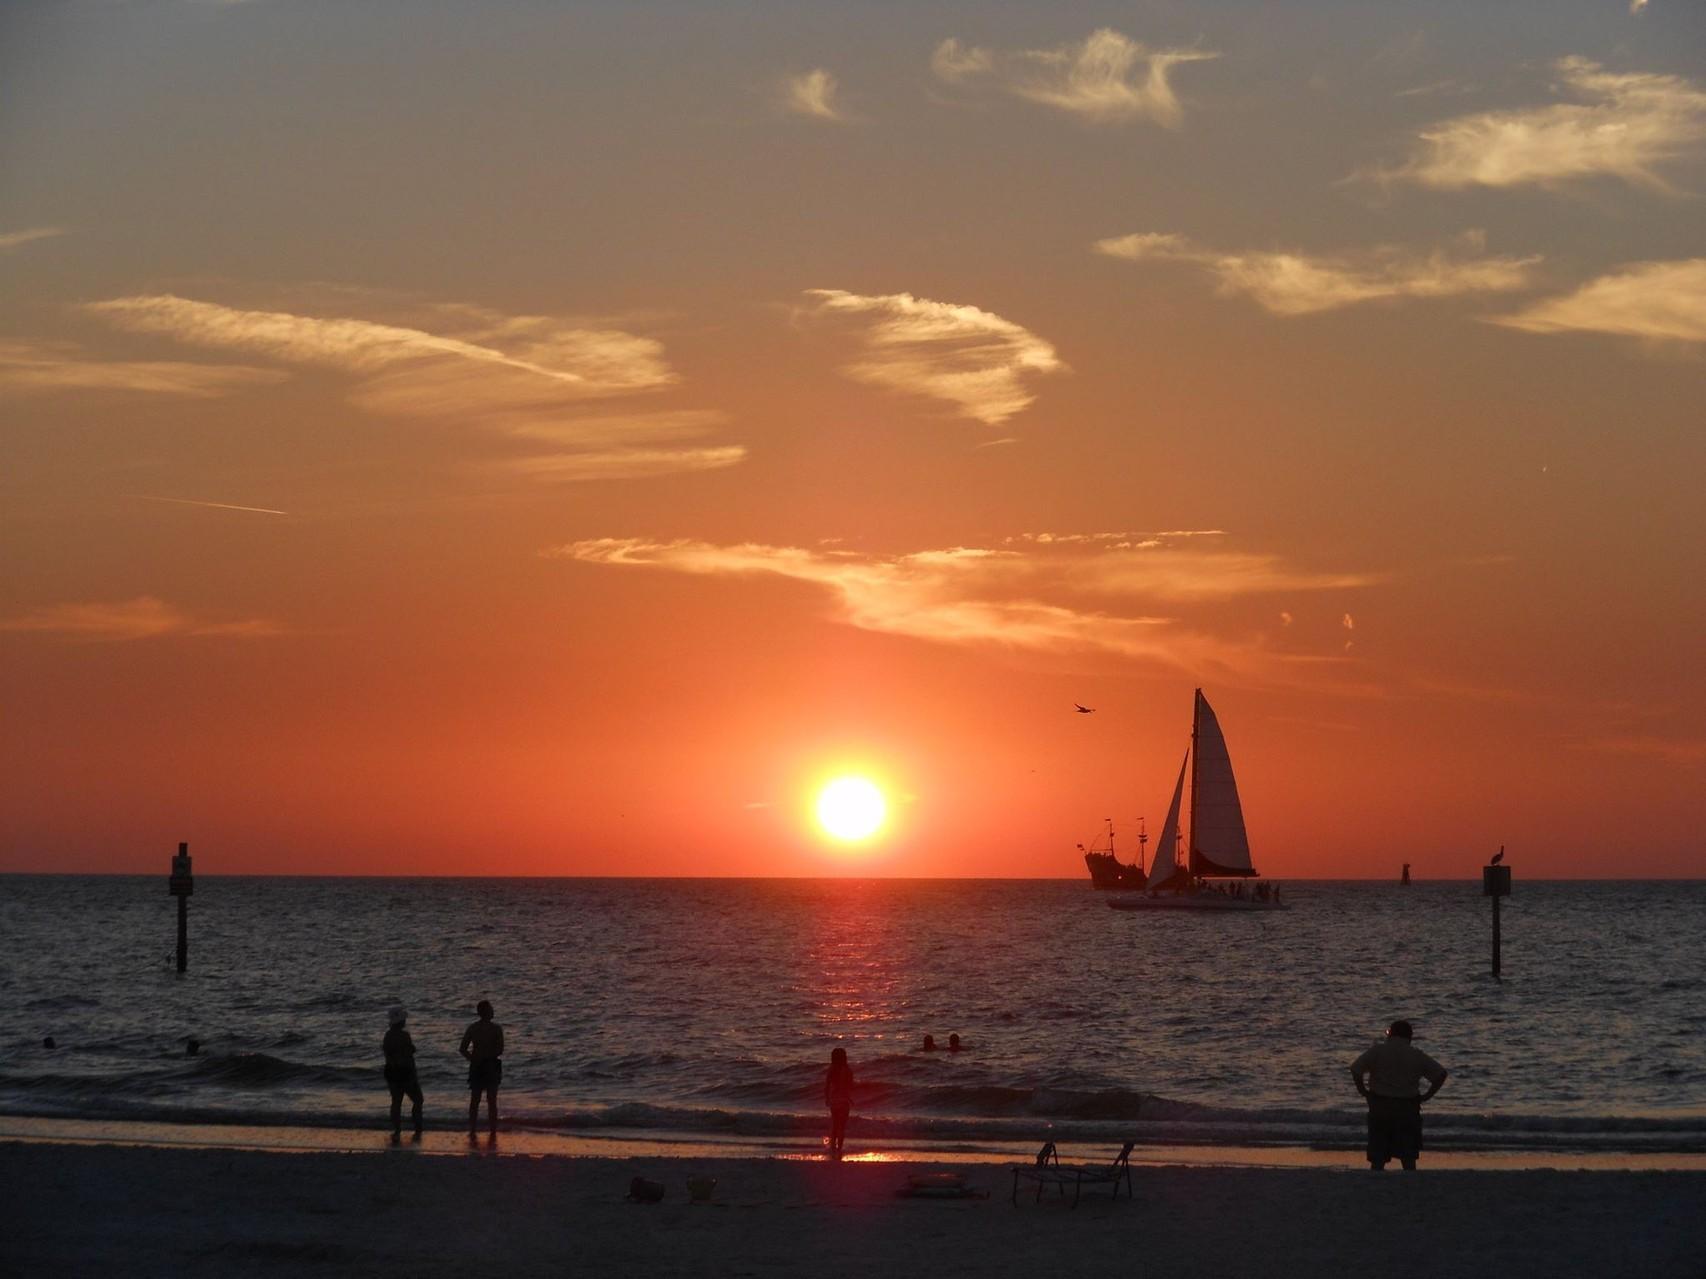 Sonnenuntergang am Strand, mit Windsurfer und Piratenschiff im Hintergrund (leider keine Delfine gesehen)